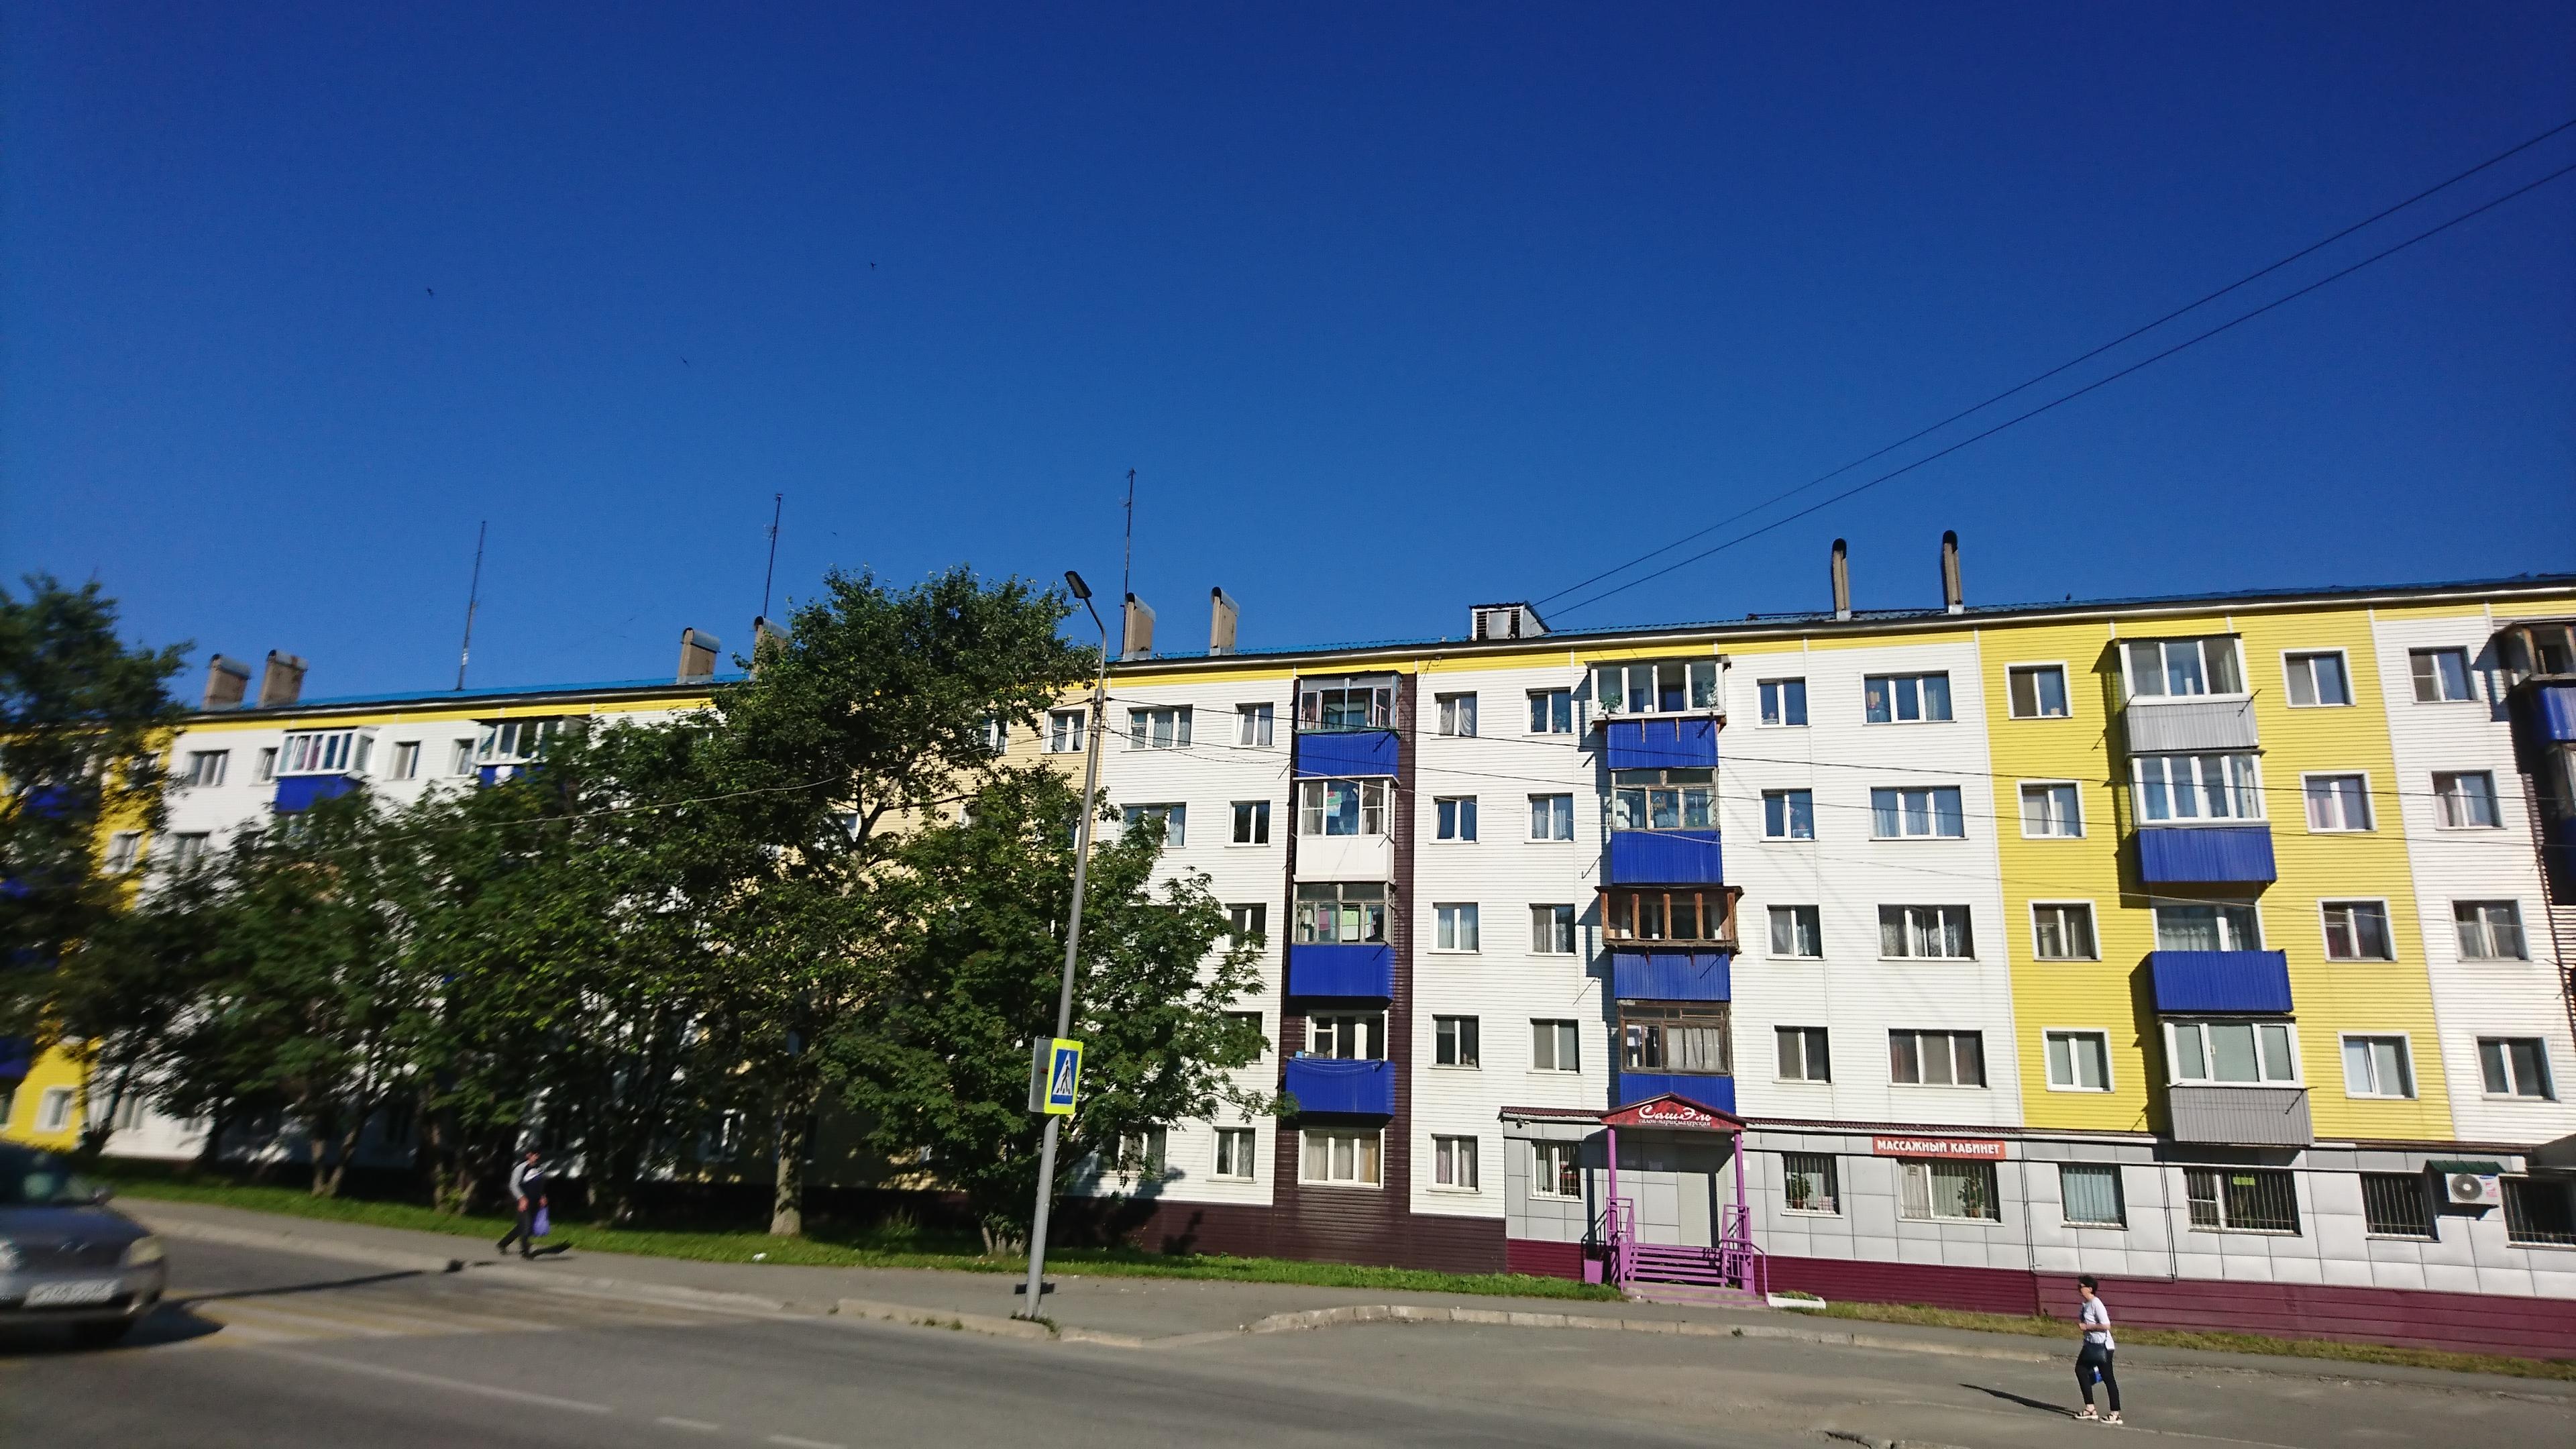 ダイヤモンドプリンセスで寄港したコルサコフの街並